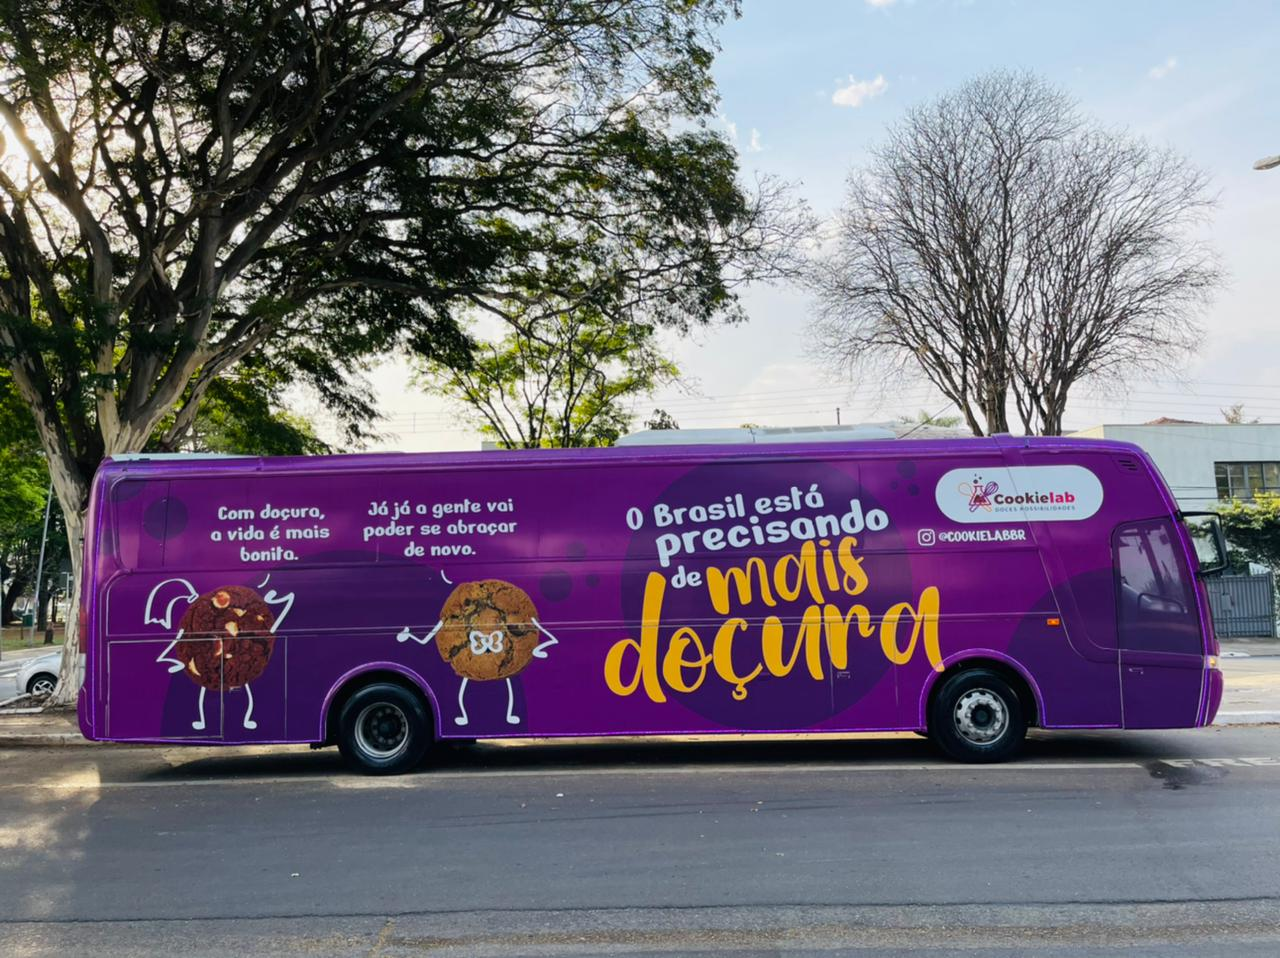 Cookielab faz ação com ônibus temático para espalhar mensagem de doçura por São Paulo